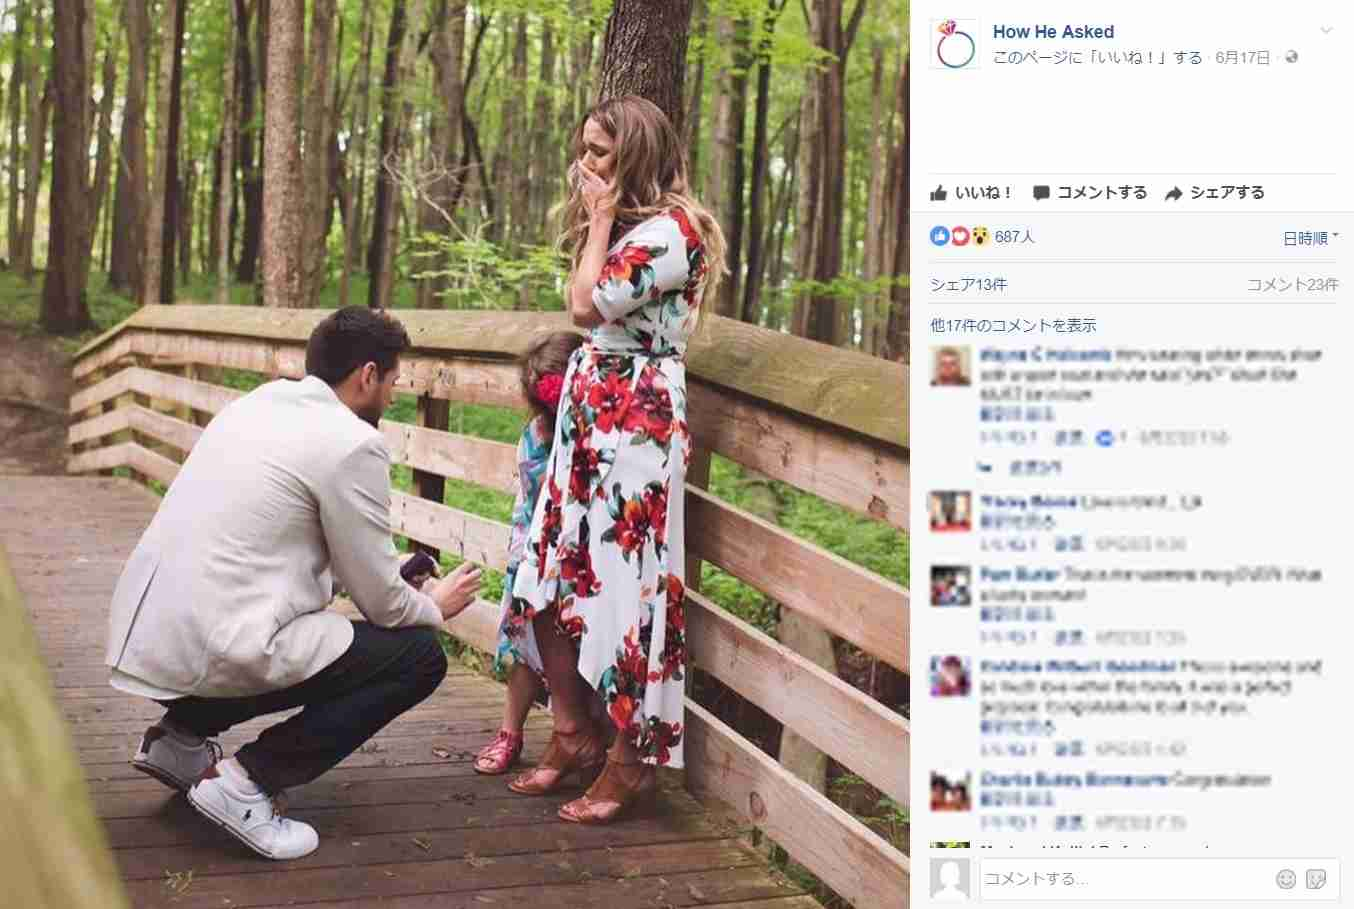 【海外発!Breaking News】「君のパパになってもいい?」 シングルマザーとその娘に求婚した男性が完璧すぎる(米) | Techinsight(テックインサイト)|海外セレブ、国内エンタメのオンリーワンをお届けするニュースサイト